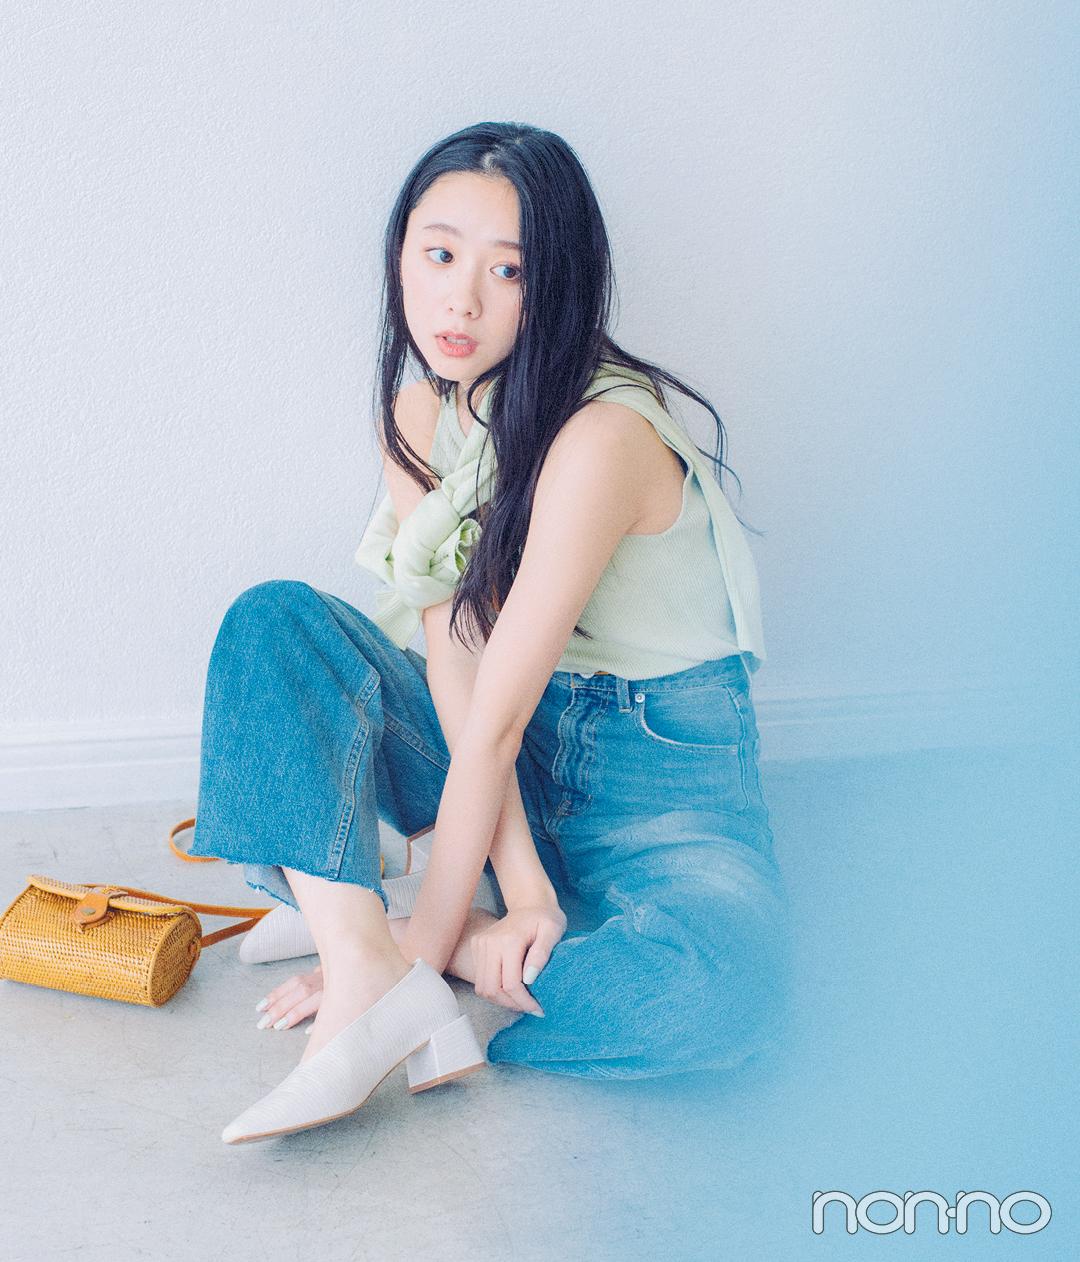 西野七瀬&堀田真由の春のあいまいカラーコーデ♡ 寒色系パステルならこんな感じ!_1_7